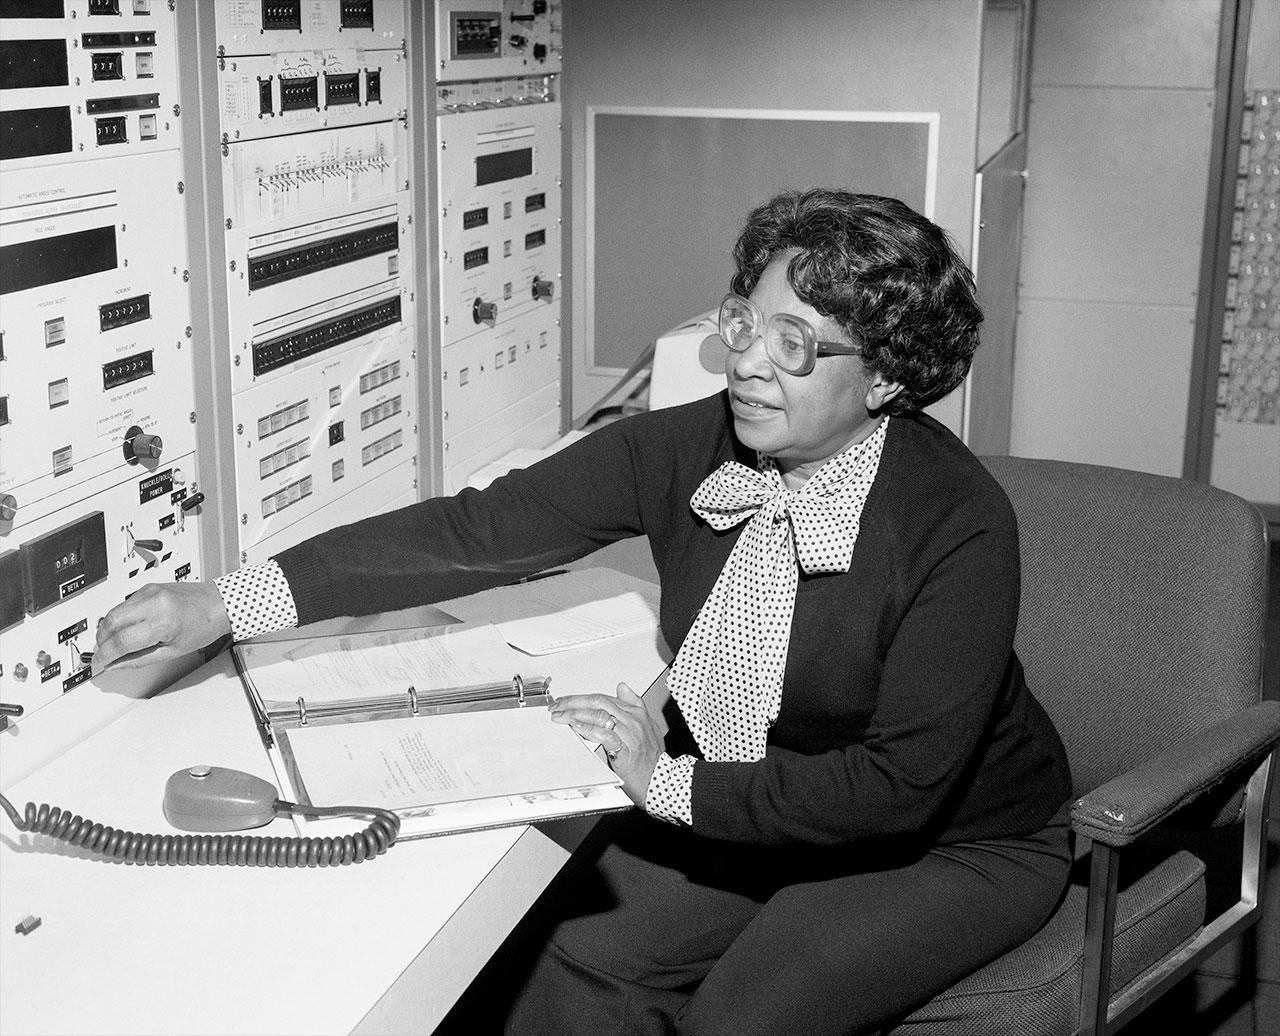 Mary W.Jackson au Langley Research Center de la NASA à Hampton, en Virginie, où elle a commencé à travailler en 1951 et est devenue la première femme ingénieur afro-américaine de l'agence en 1958.